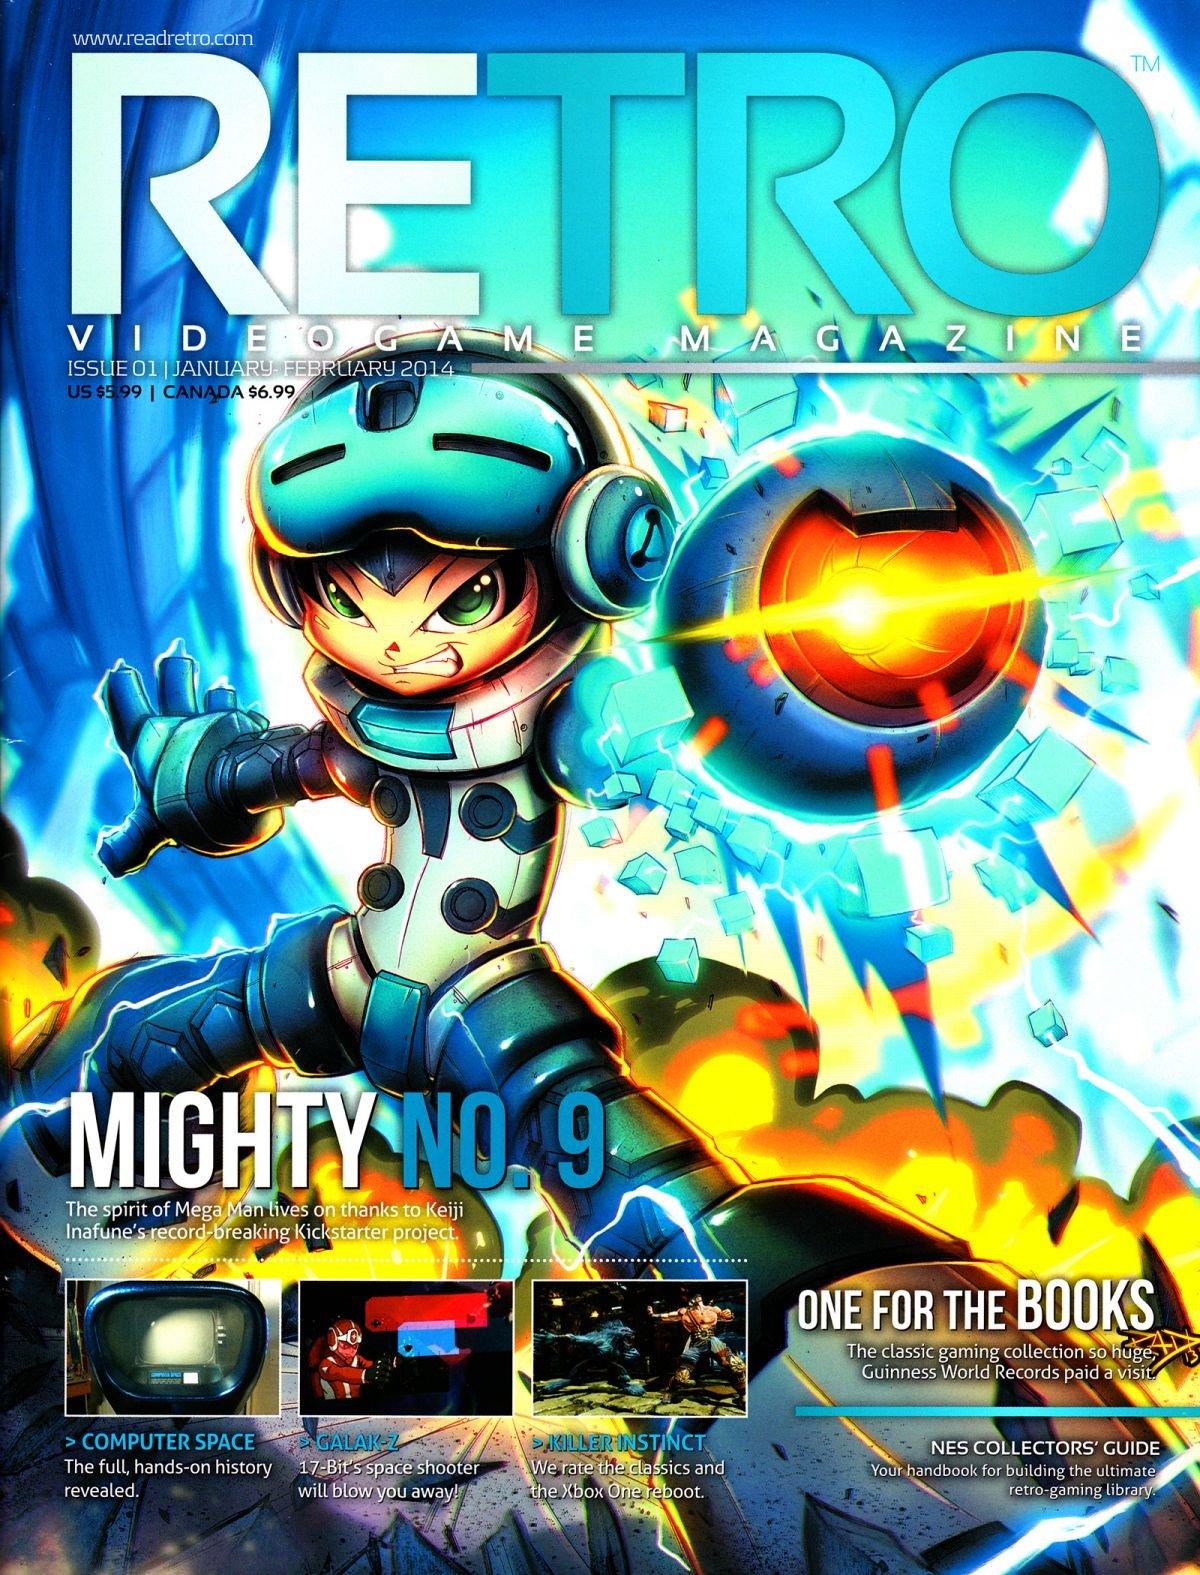 Retro Issue 001 January/February 2014